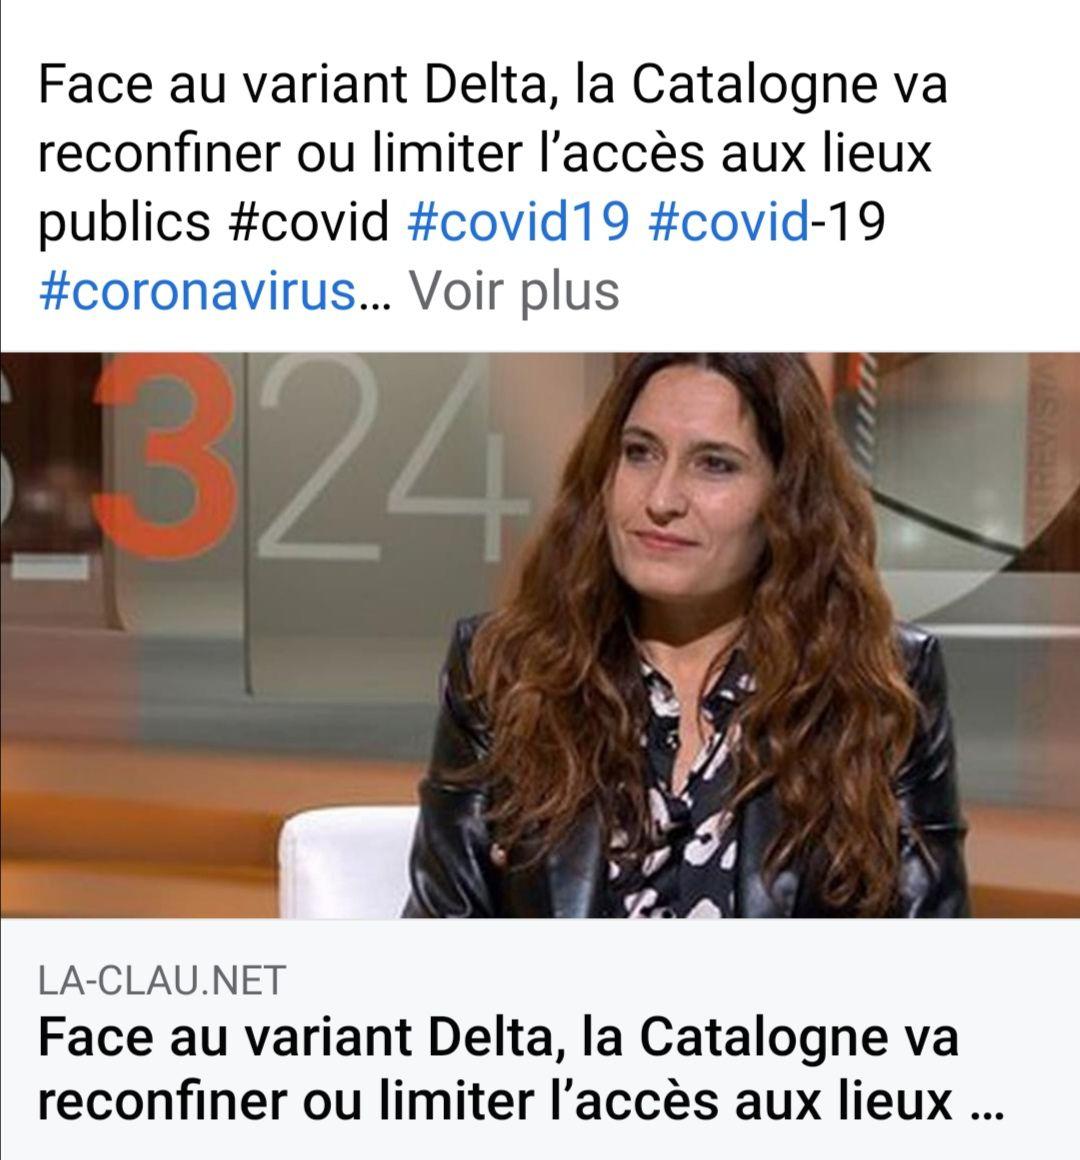 Reconfinement (peut être) en Catalogne